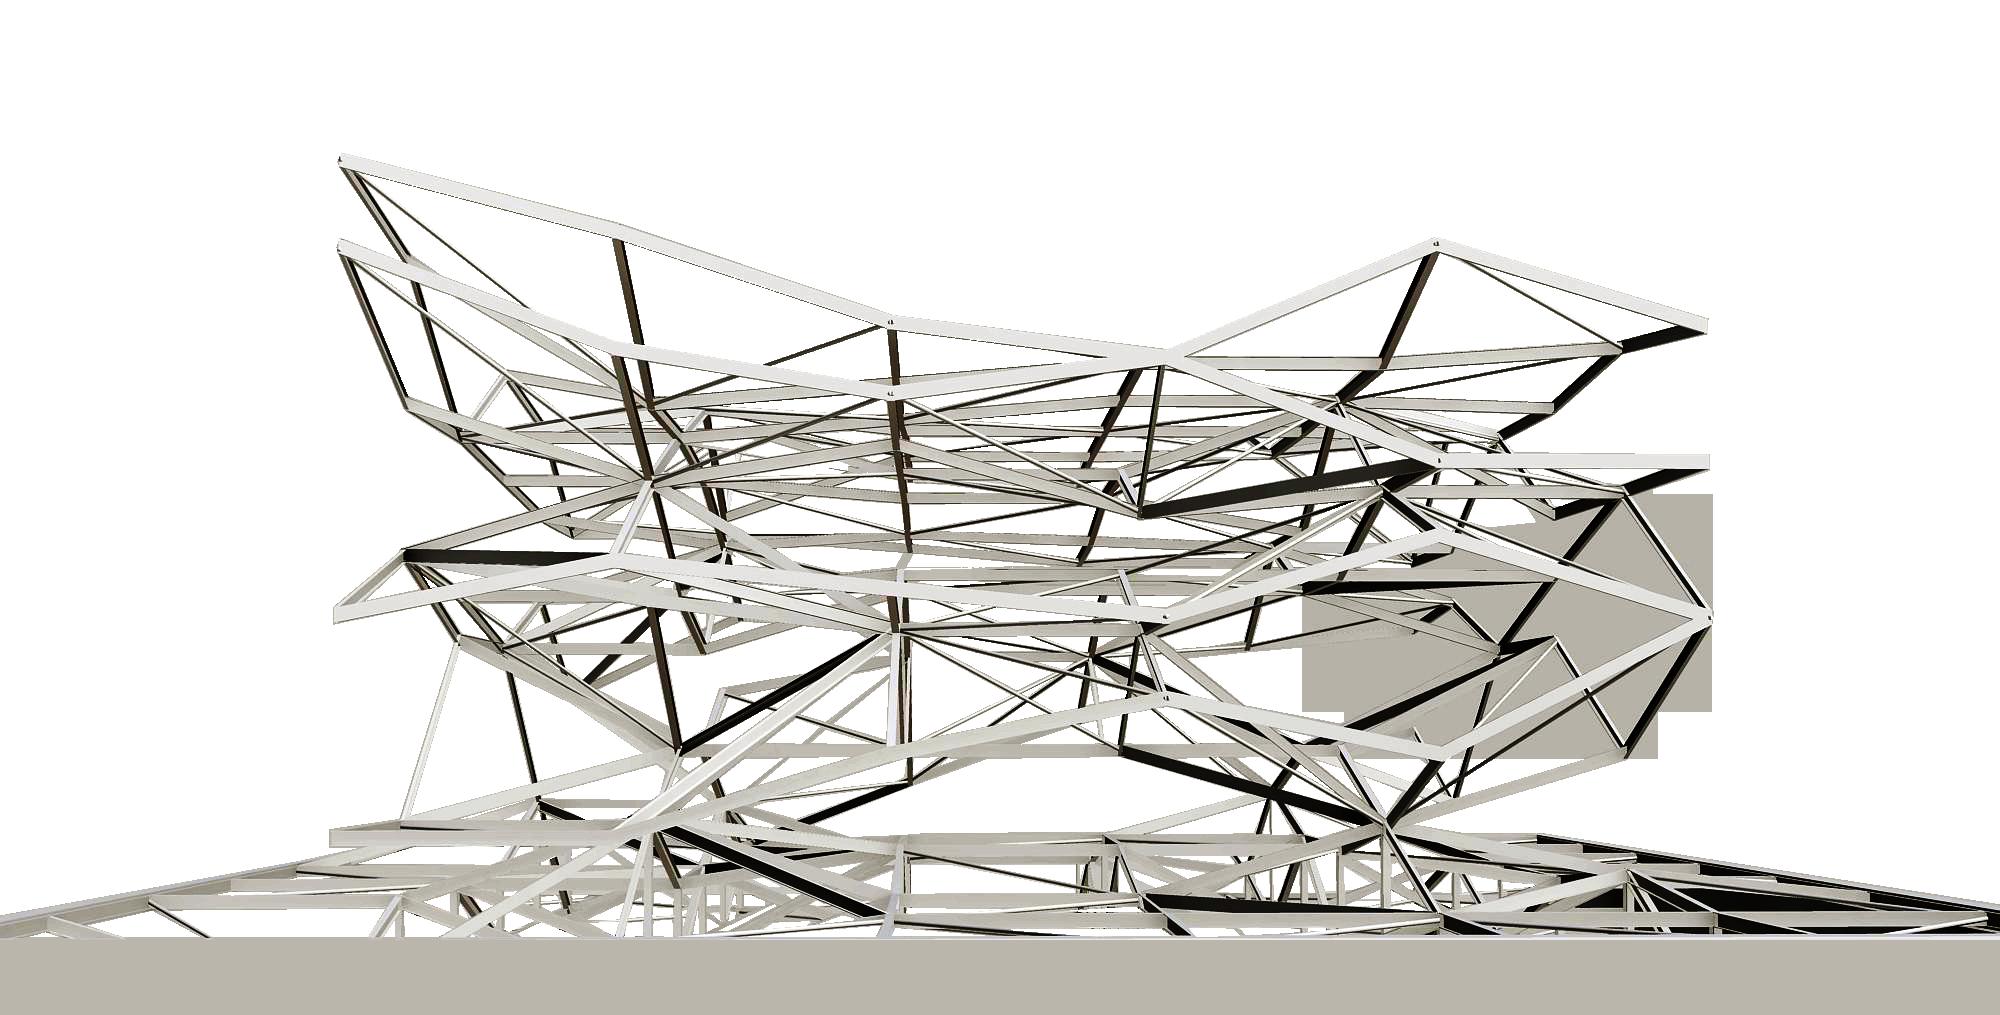 AAA struttura 001 PRO